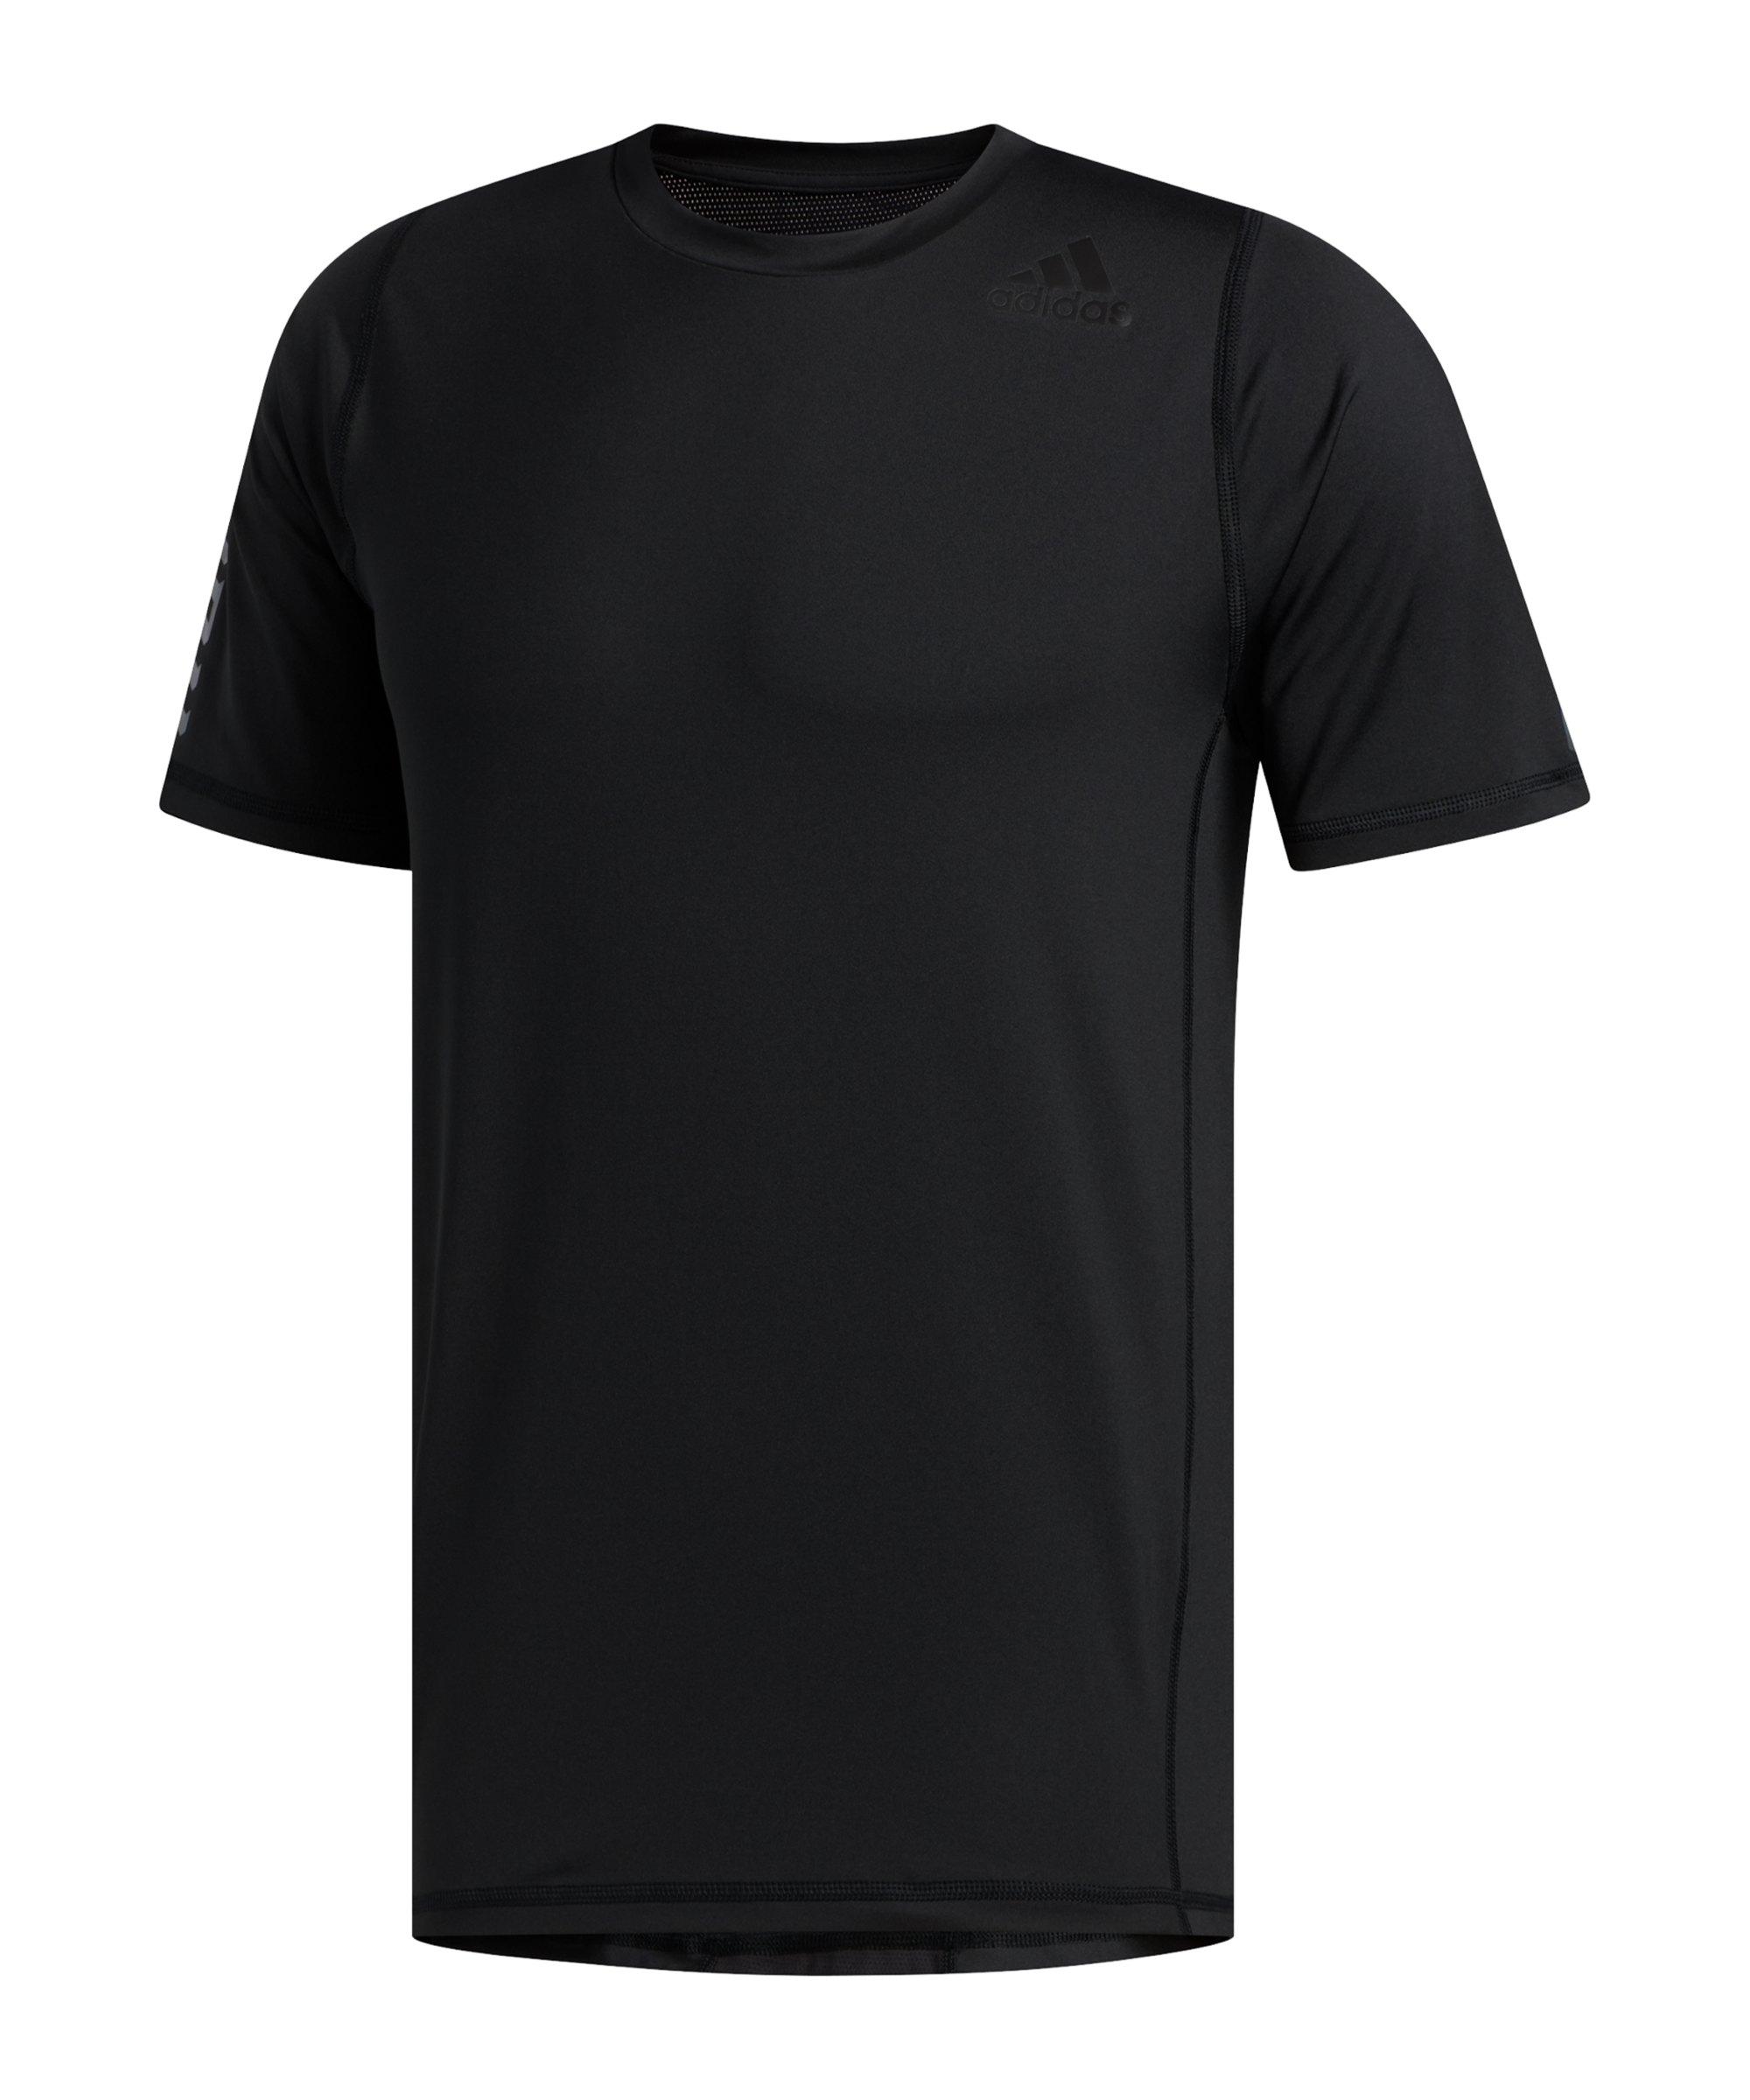 adidas Alphaskin Graphic T-Shirt Schwarz - schwarz